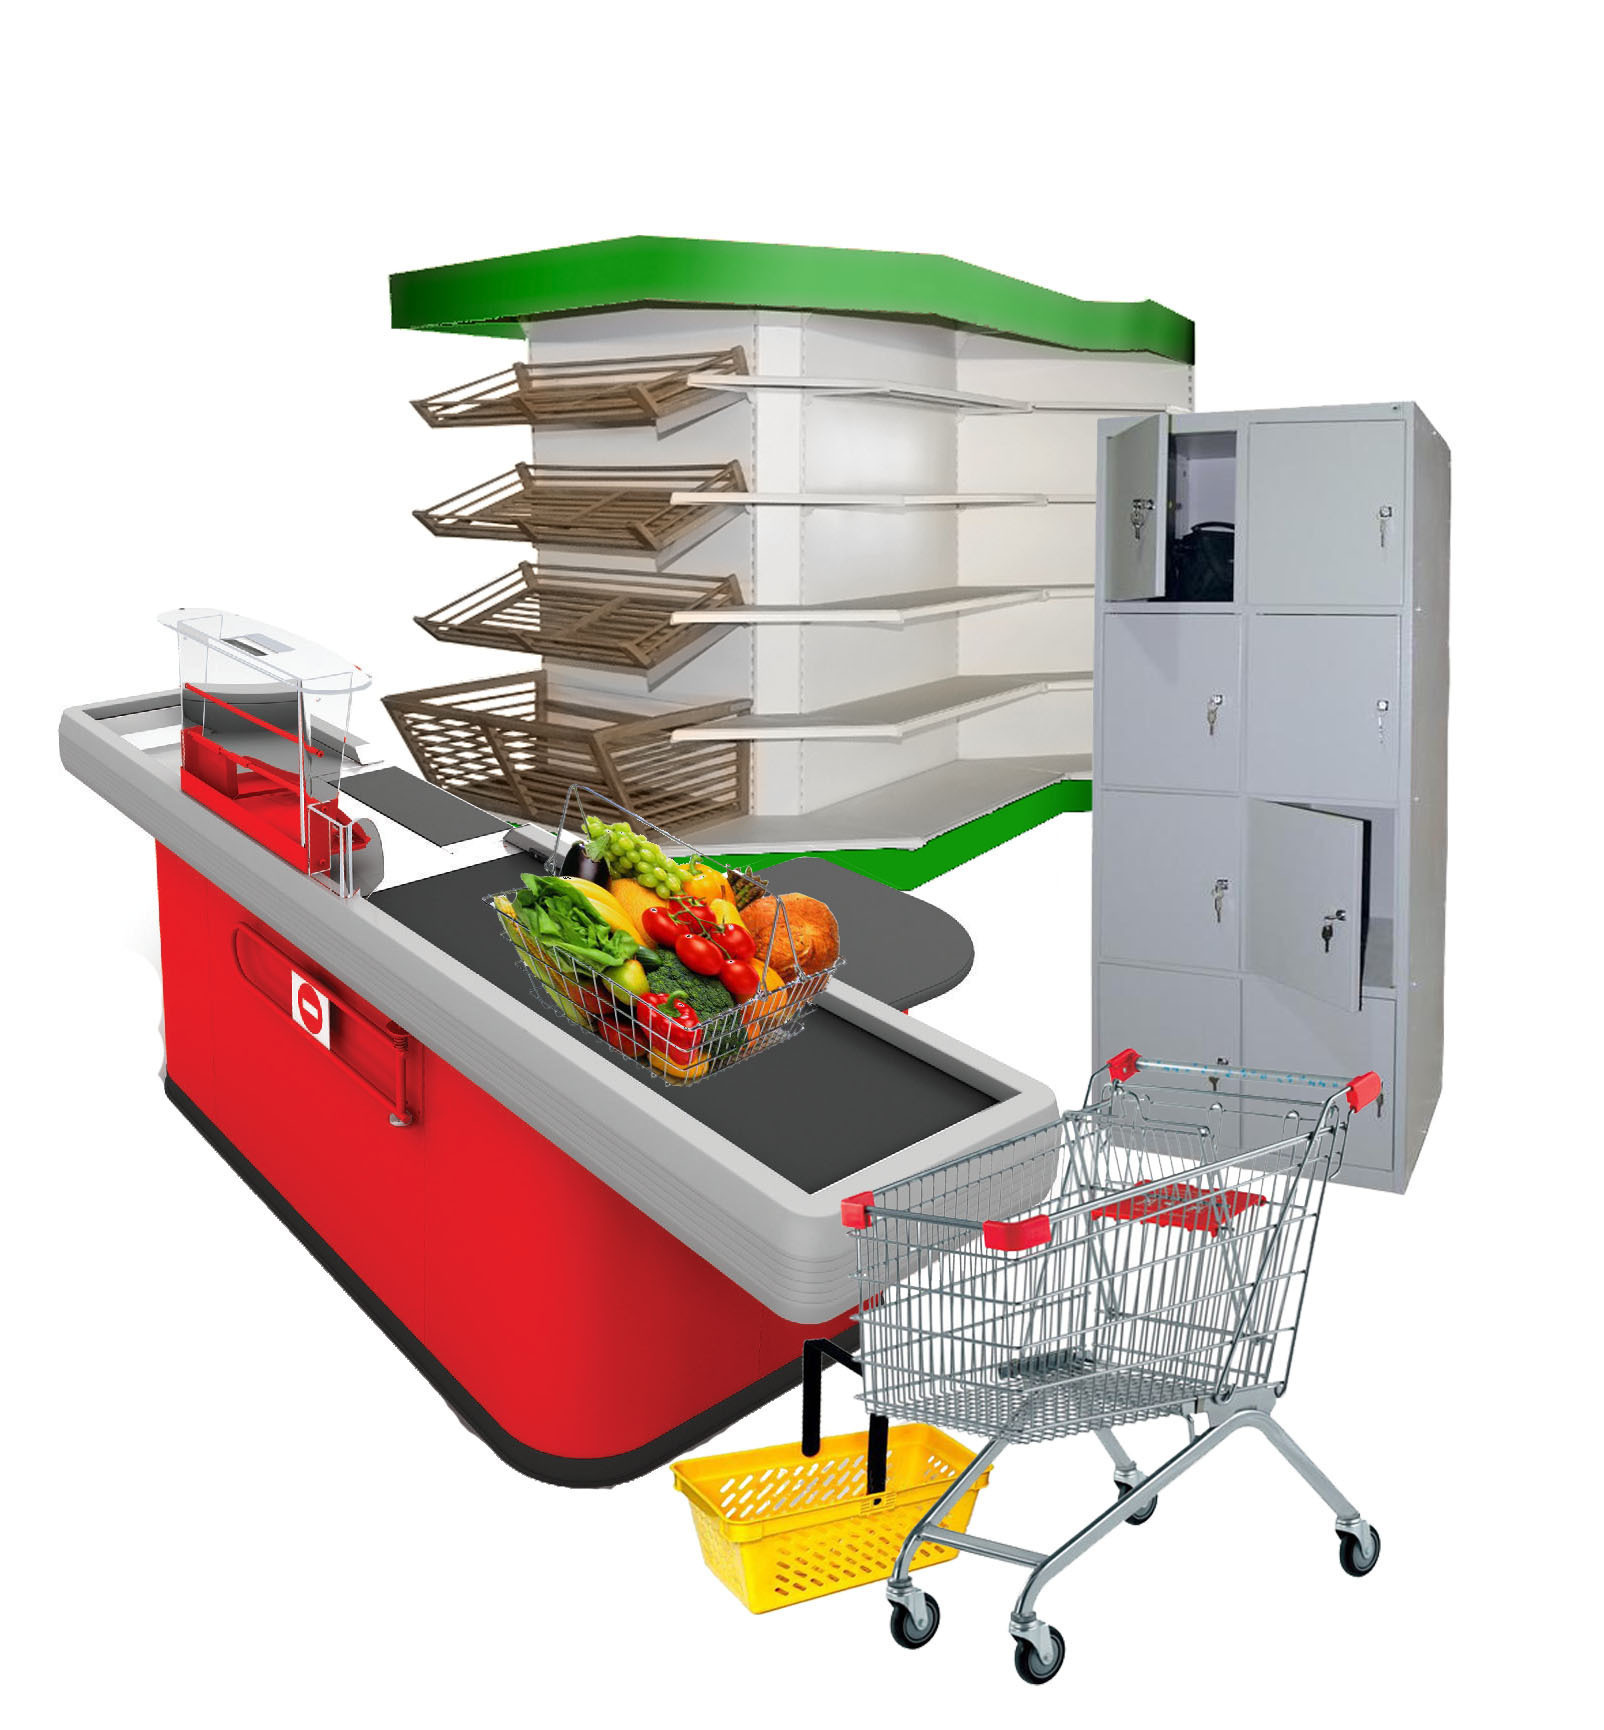 Купить торговое оборудование для магазинов по доступной цене в Симферополе предлагает компания «Техностоун»